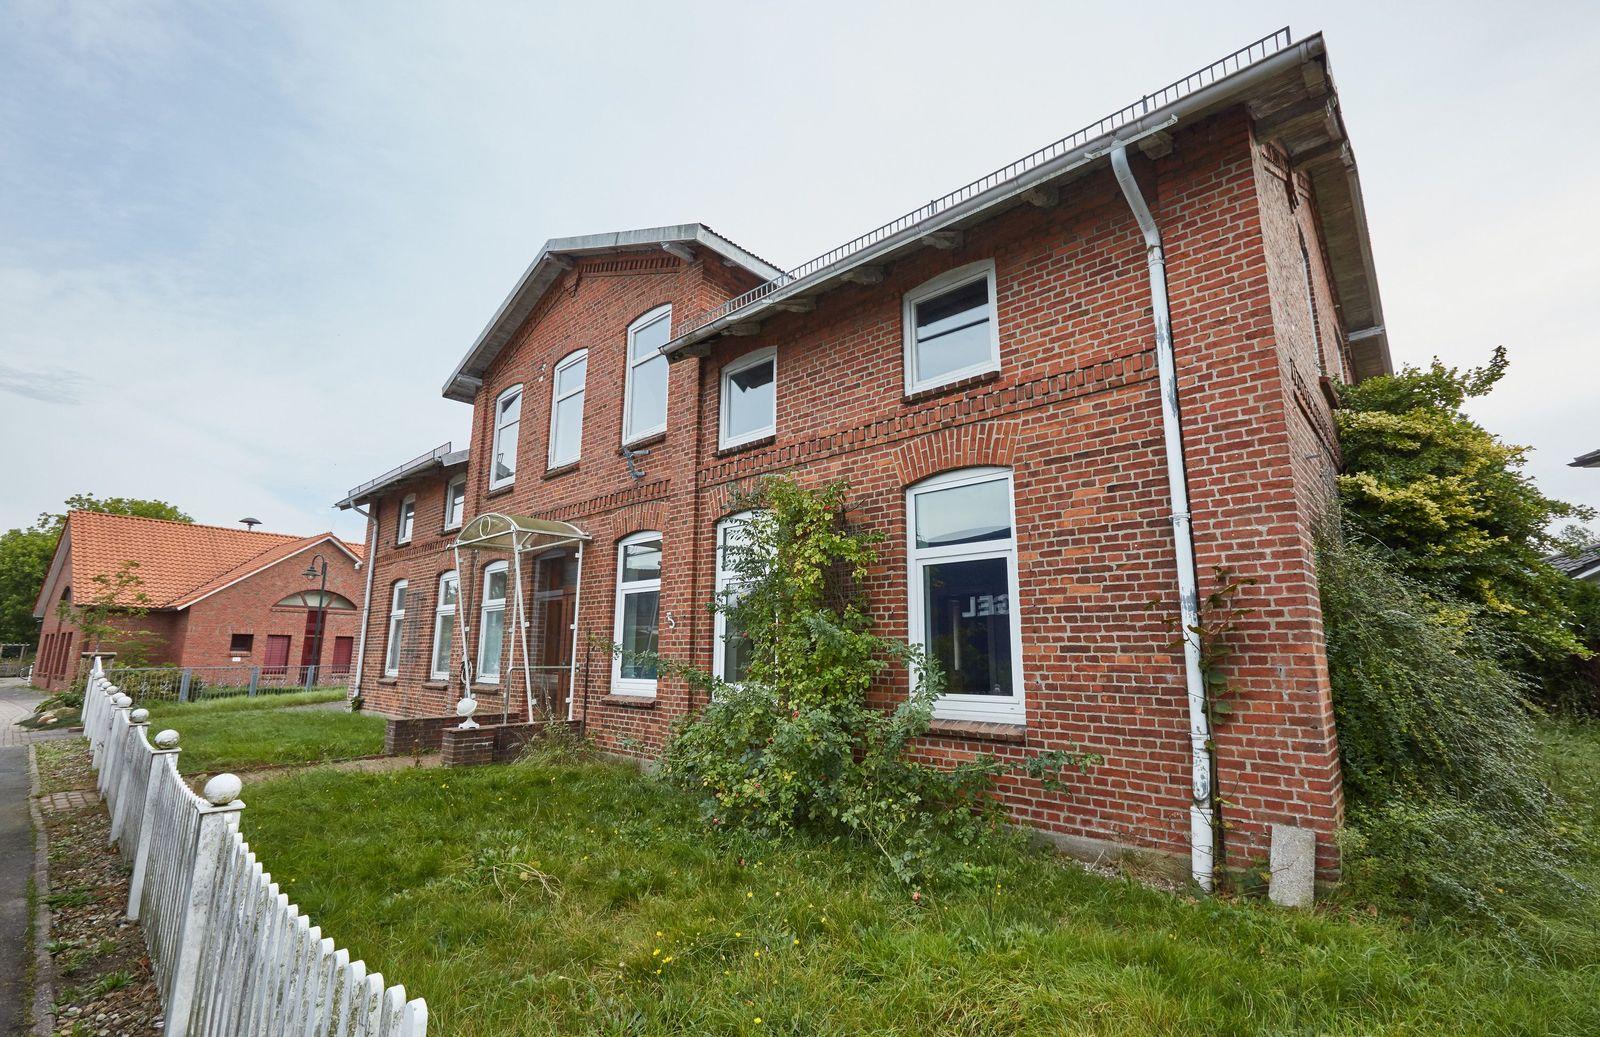 Oersdorf - Flüchtlingsunterkunft